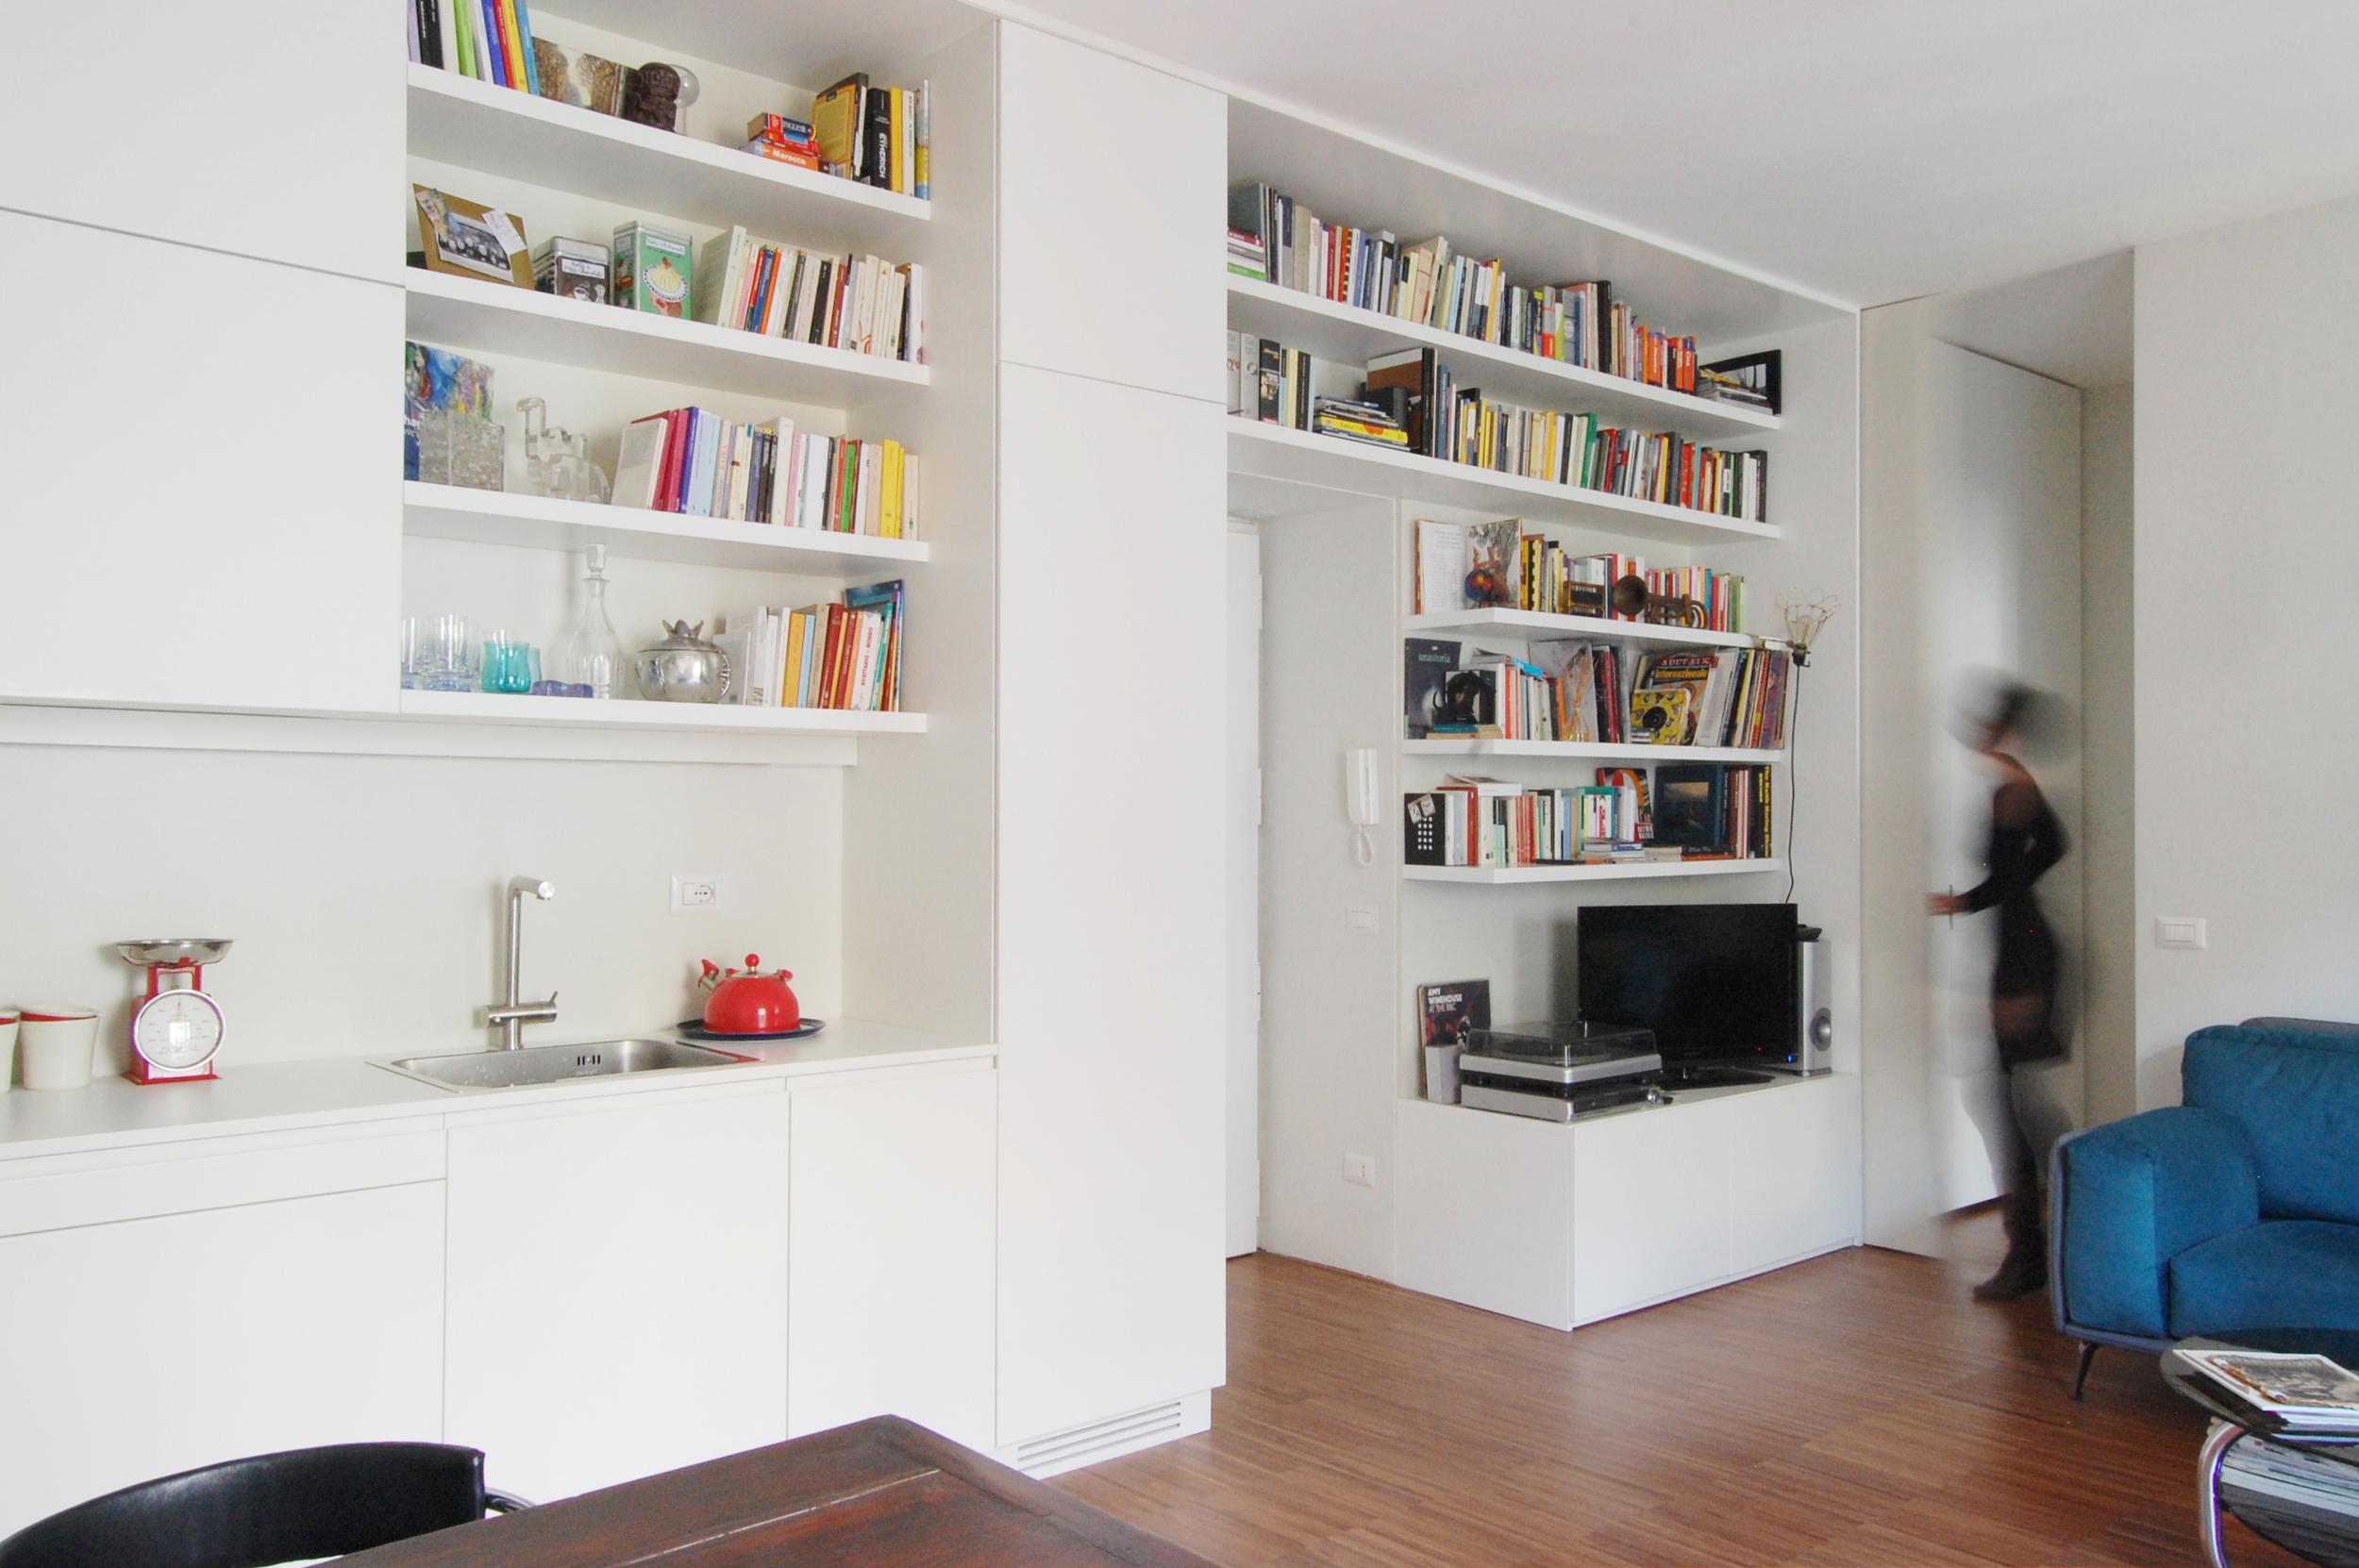 La parete attrezzata che attraversa tutta la casa, divenendo allo stesso tempo libreria, cucina, ripostiglio e armadio per la zona notte.